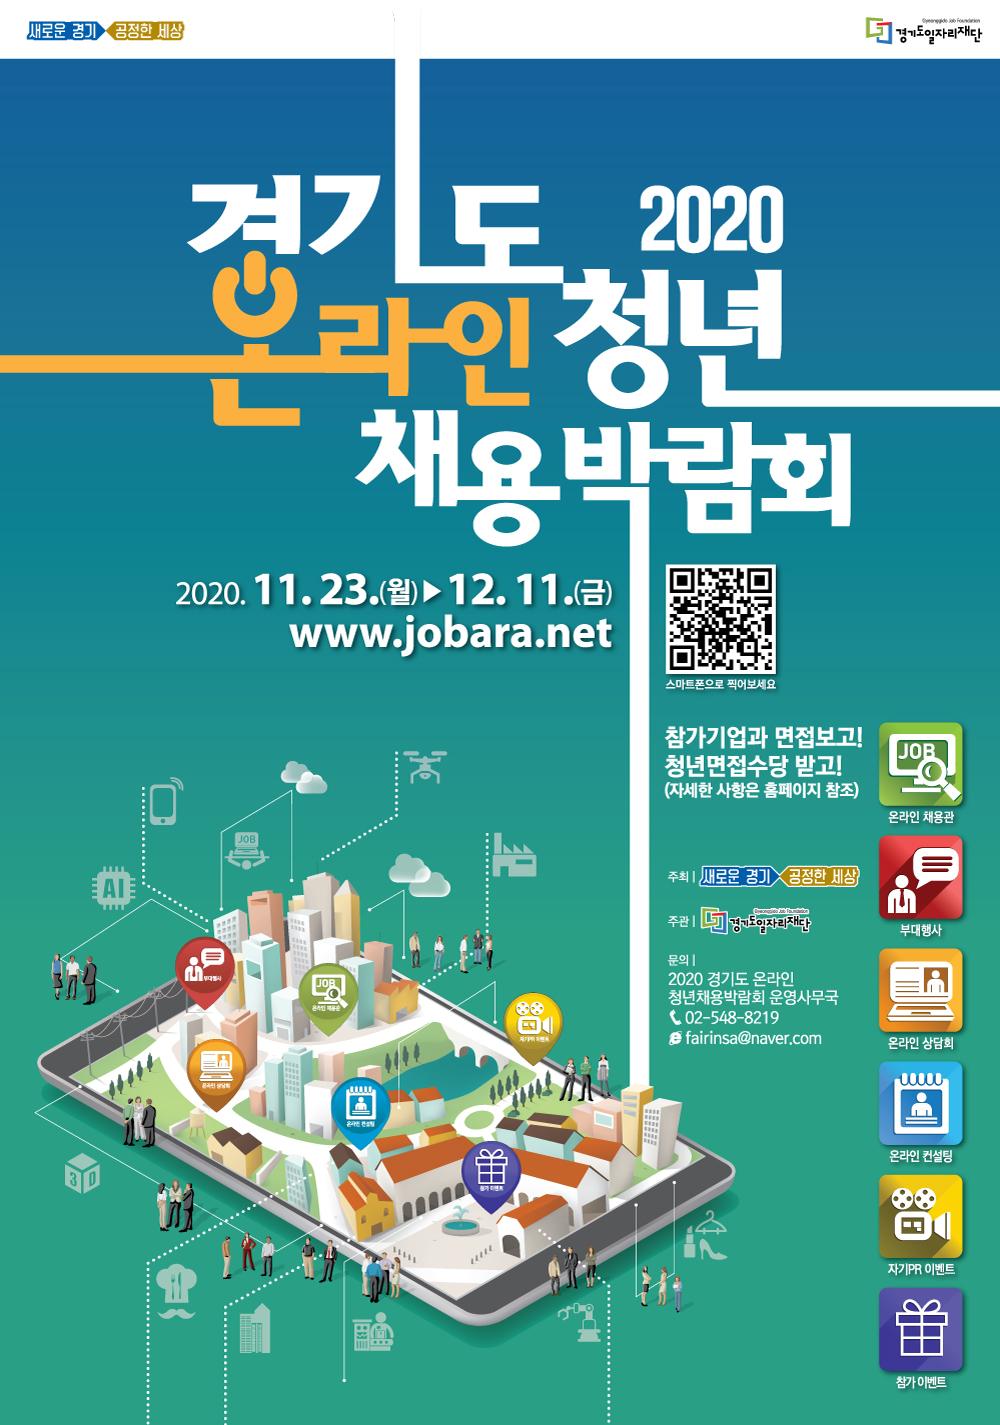 20020 경기도 온라인 청년 채용박람회